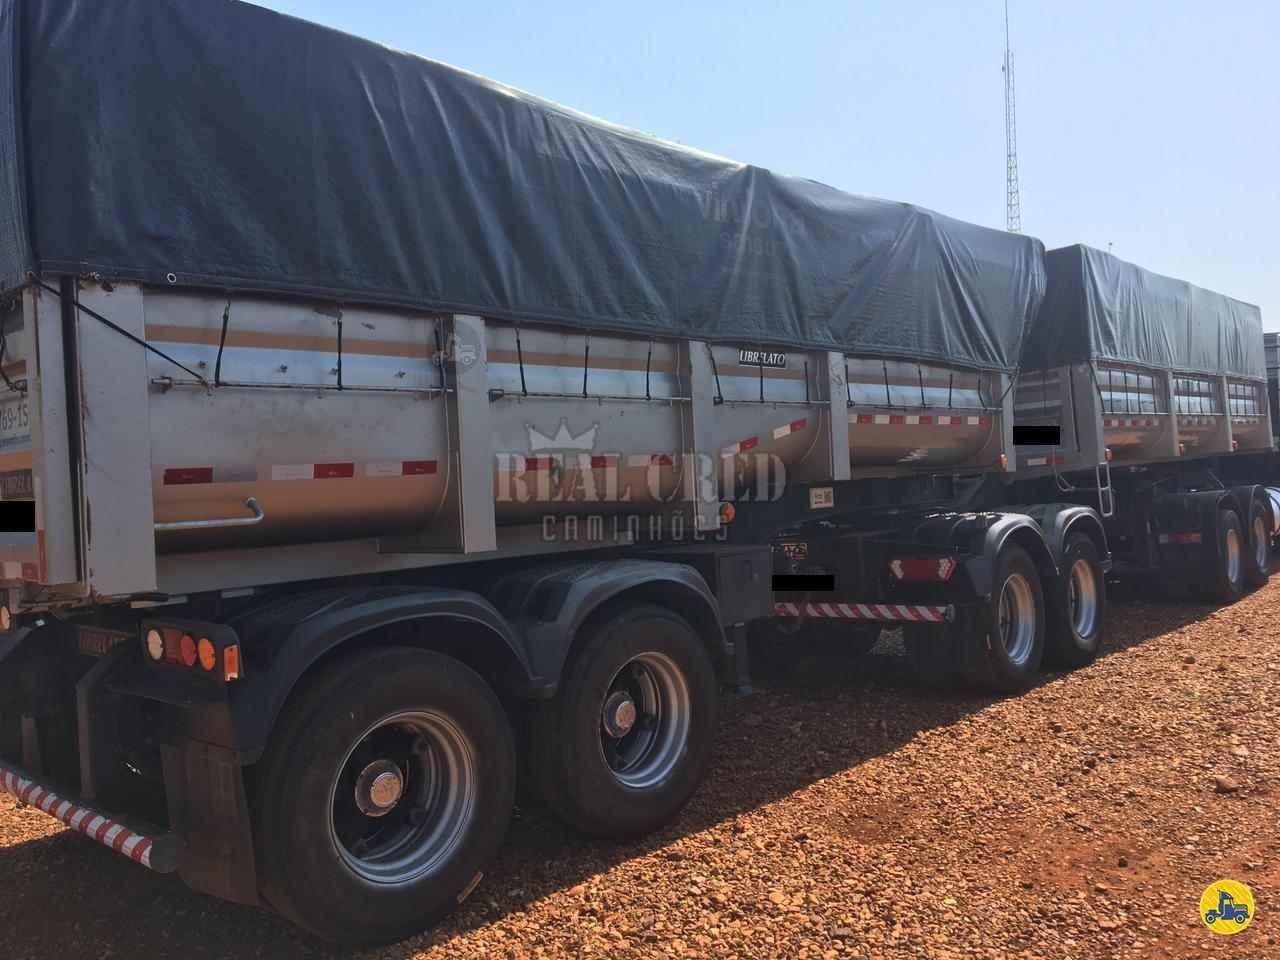 BASCULANTE de Real Cred Caminhões - PIEDADE/SP